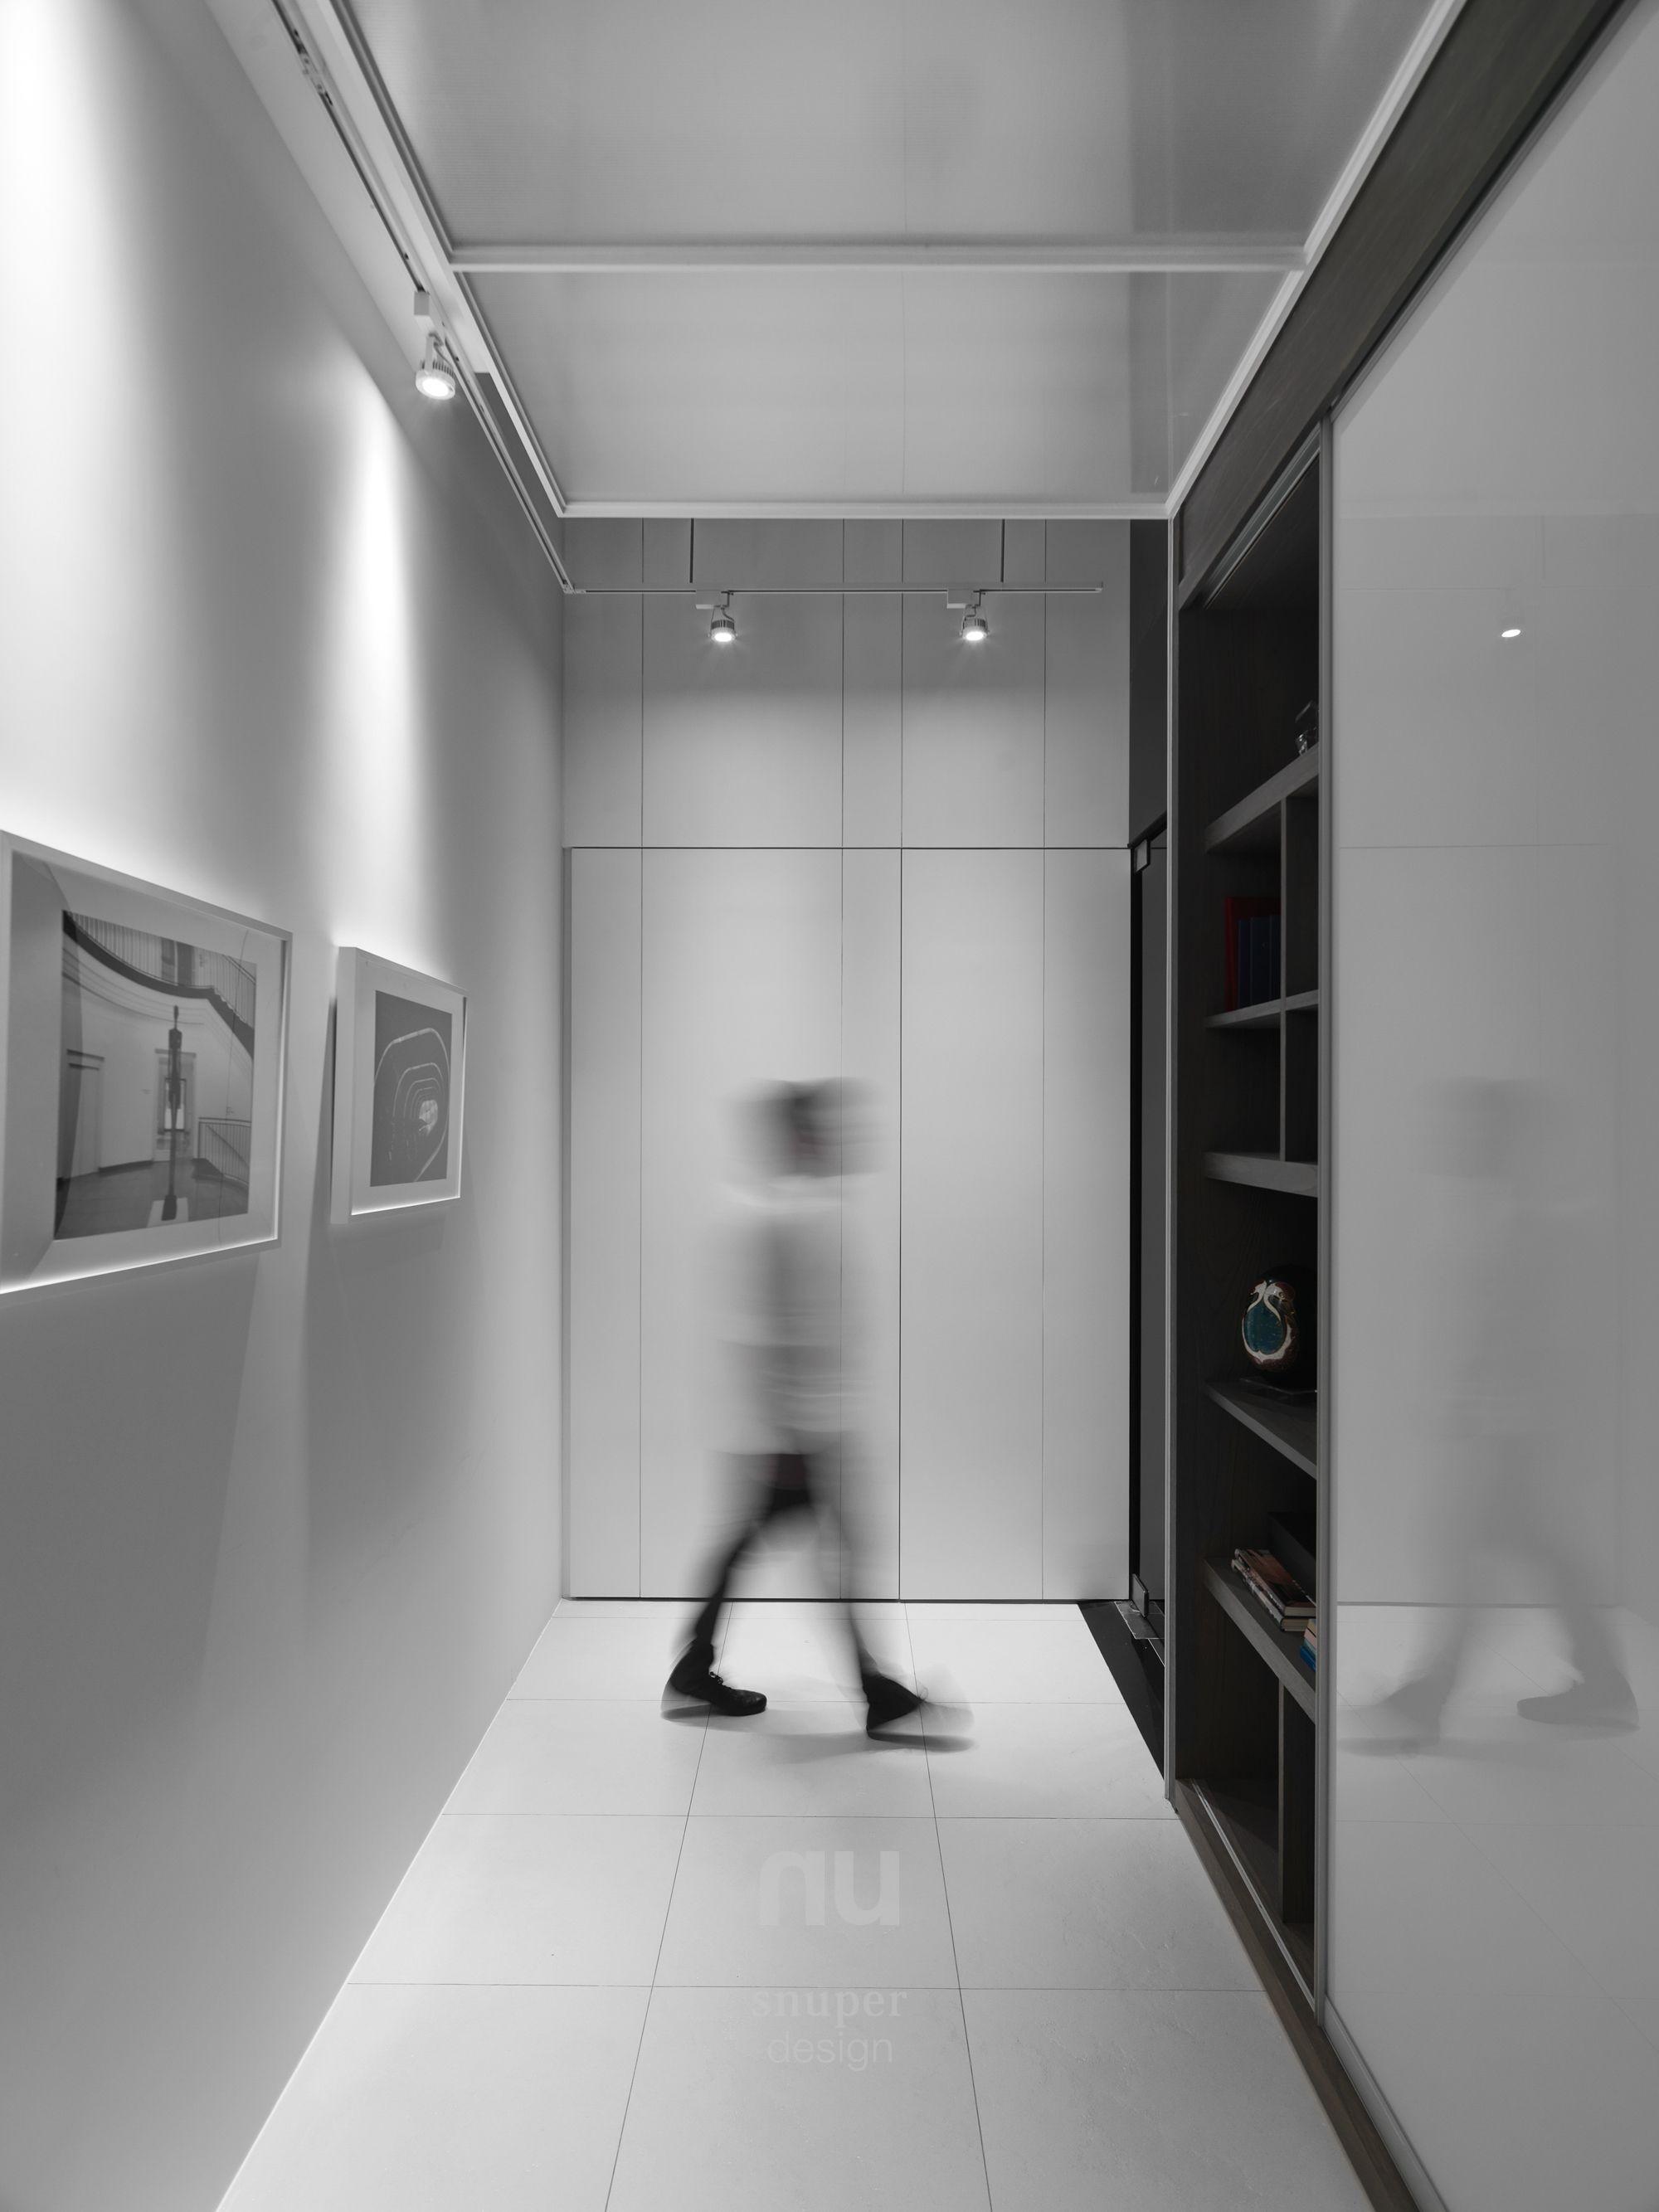 商空設計-大雄設計台北辦公室-裸